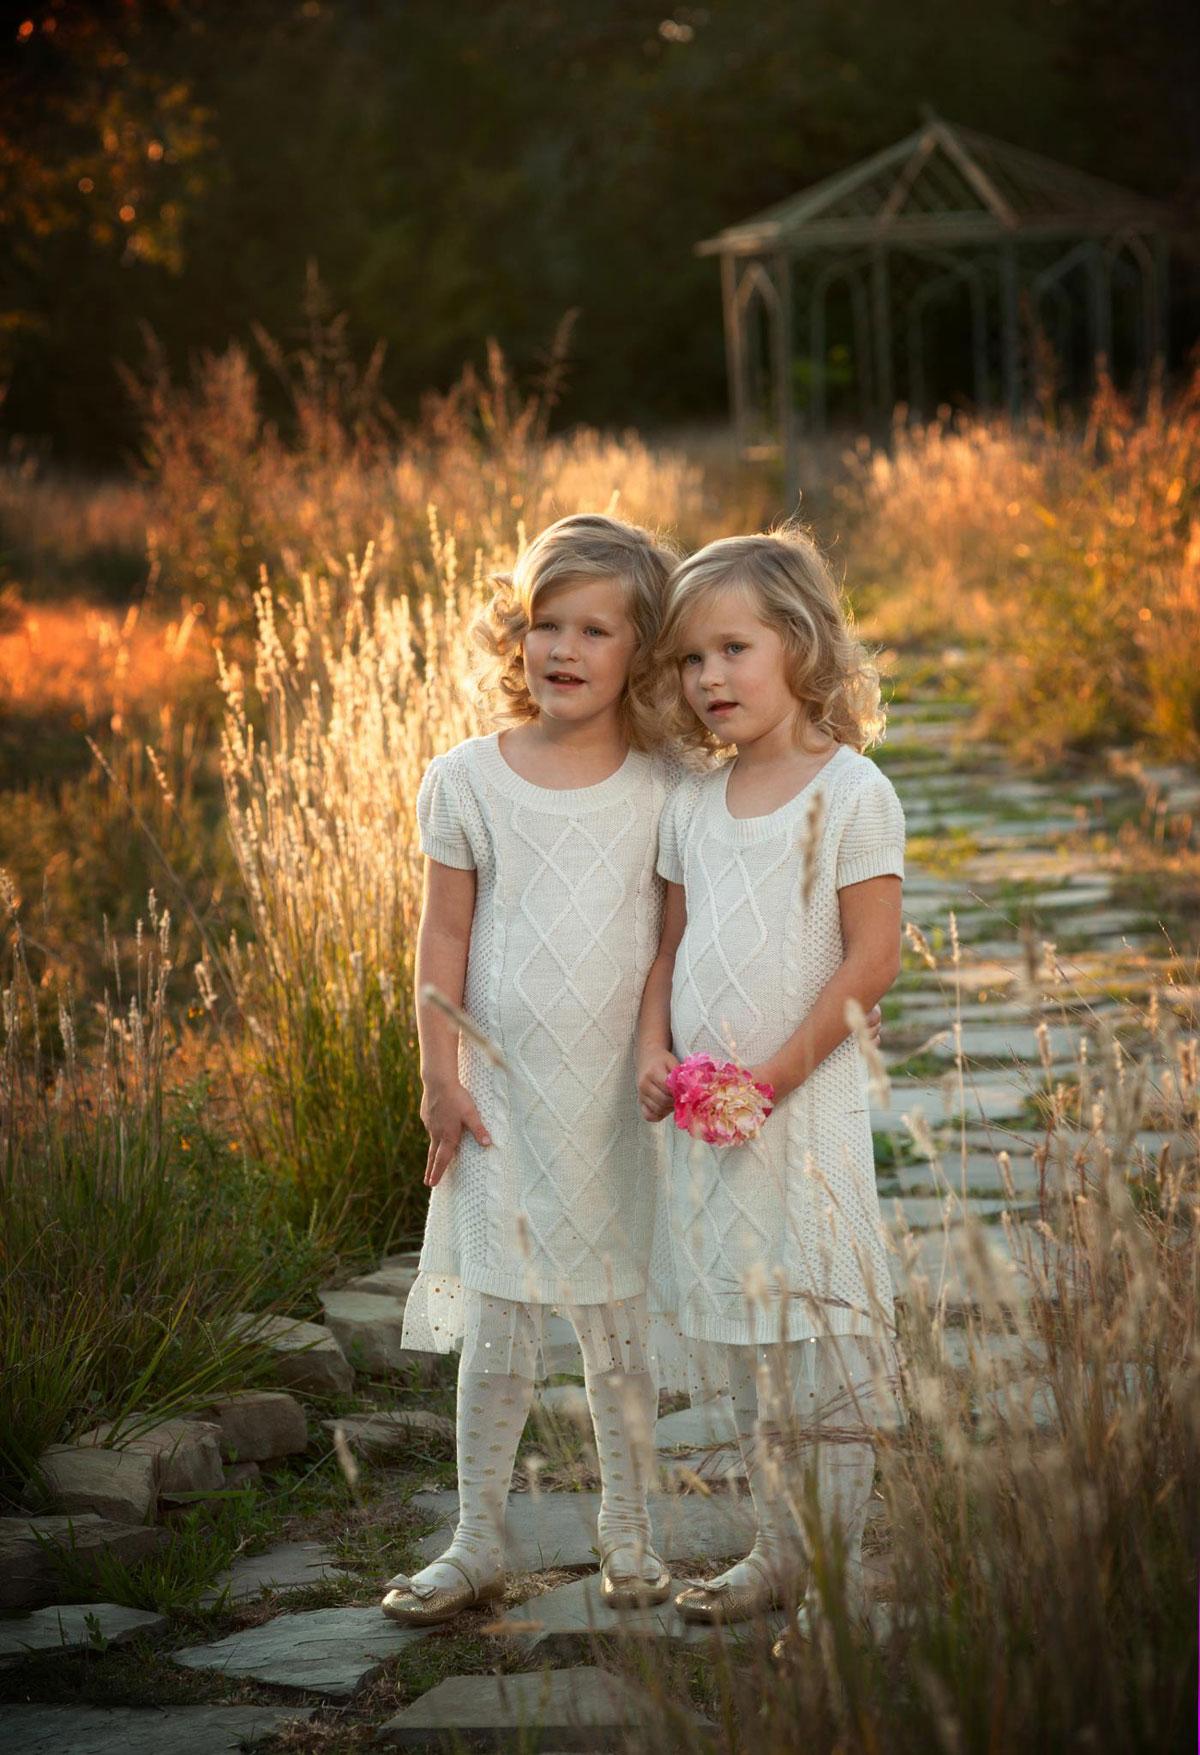 twin portrait outdoor ideas